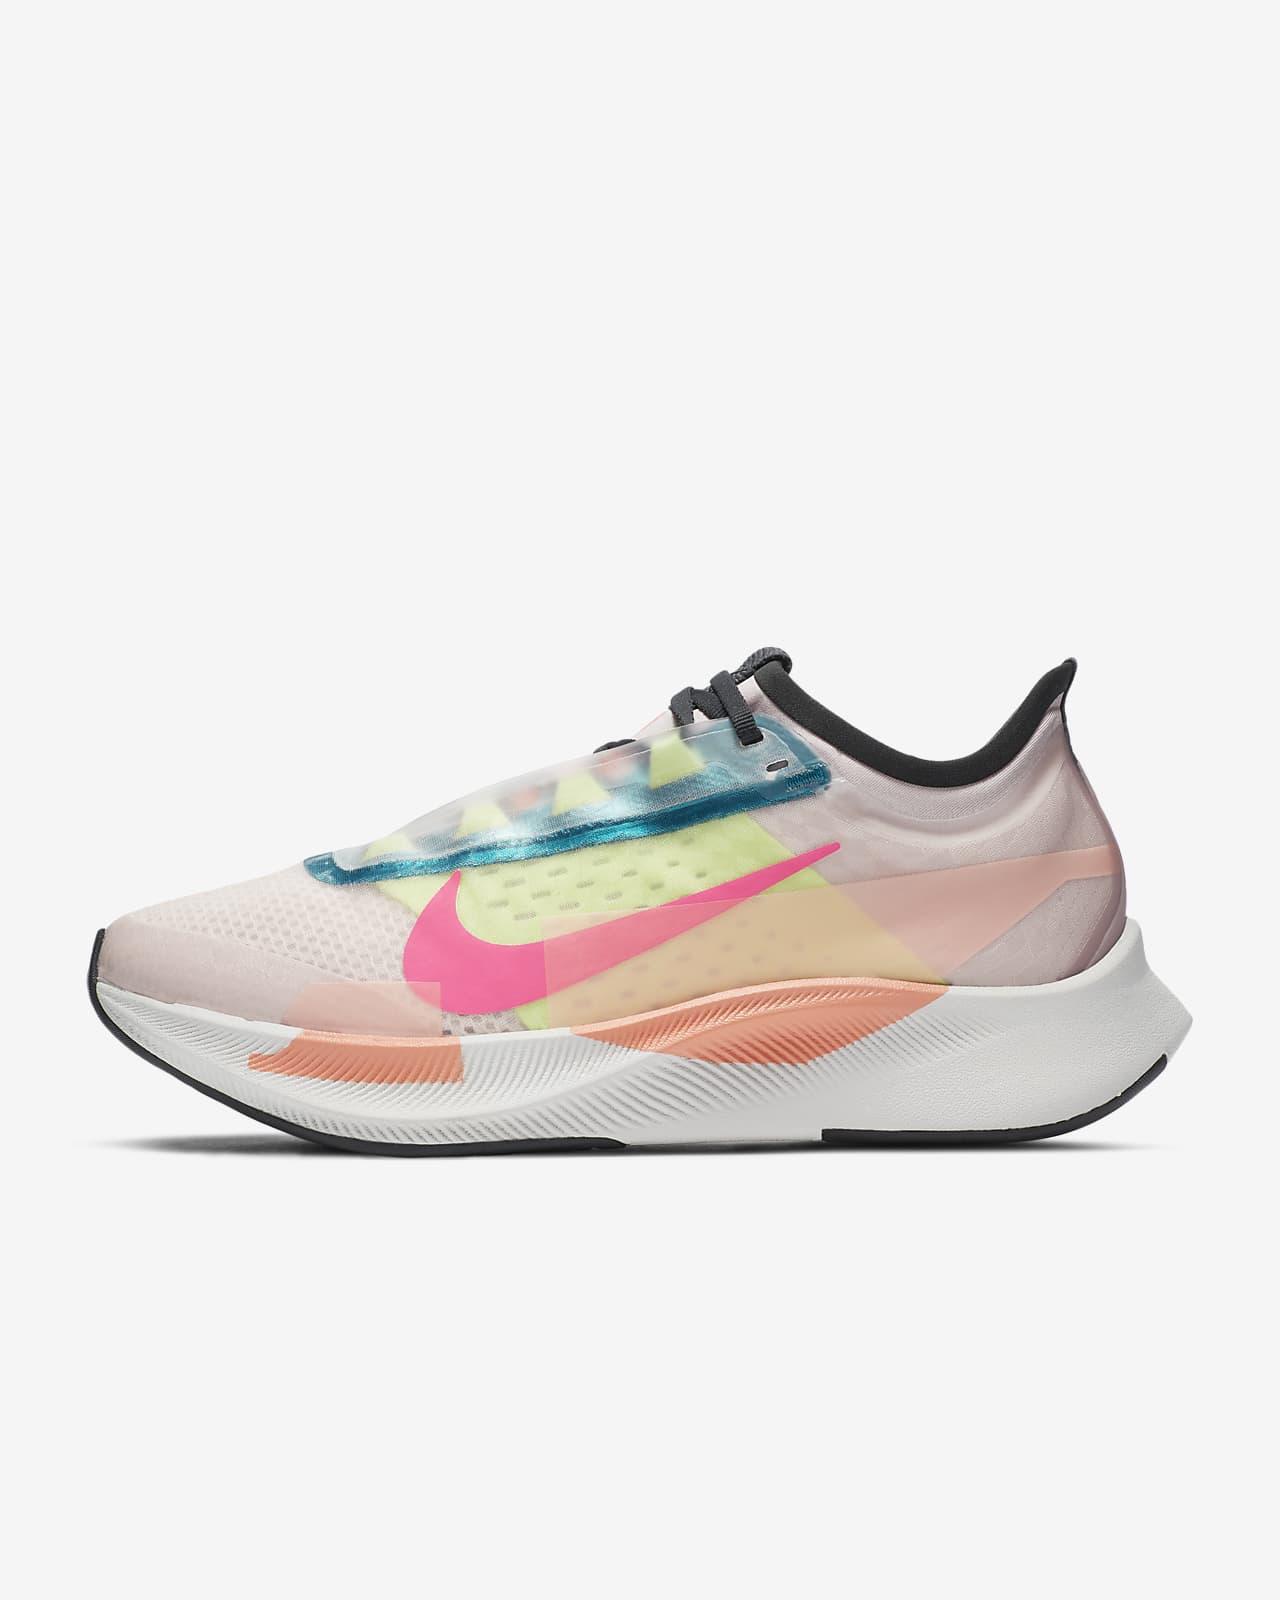 Nike Zoom Fly 3 Premium Kadın Koşu Ayakkabısı